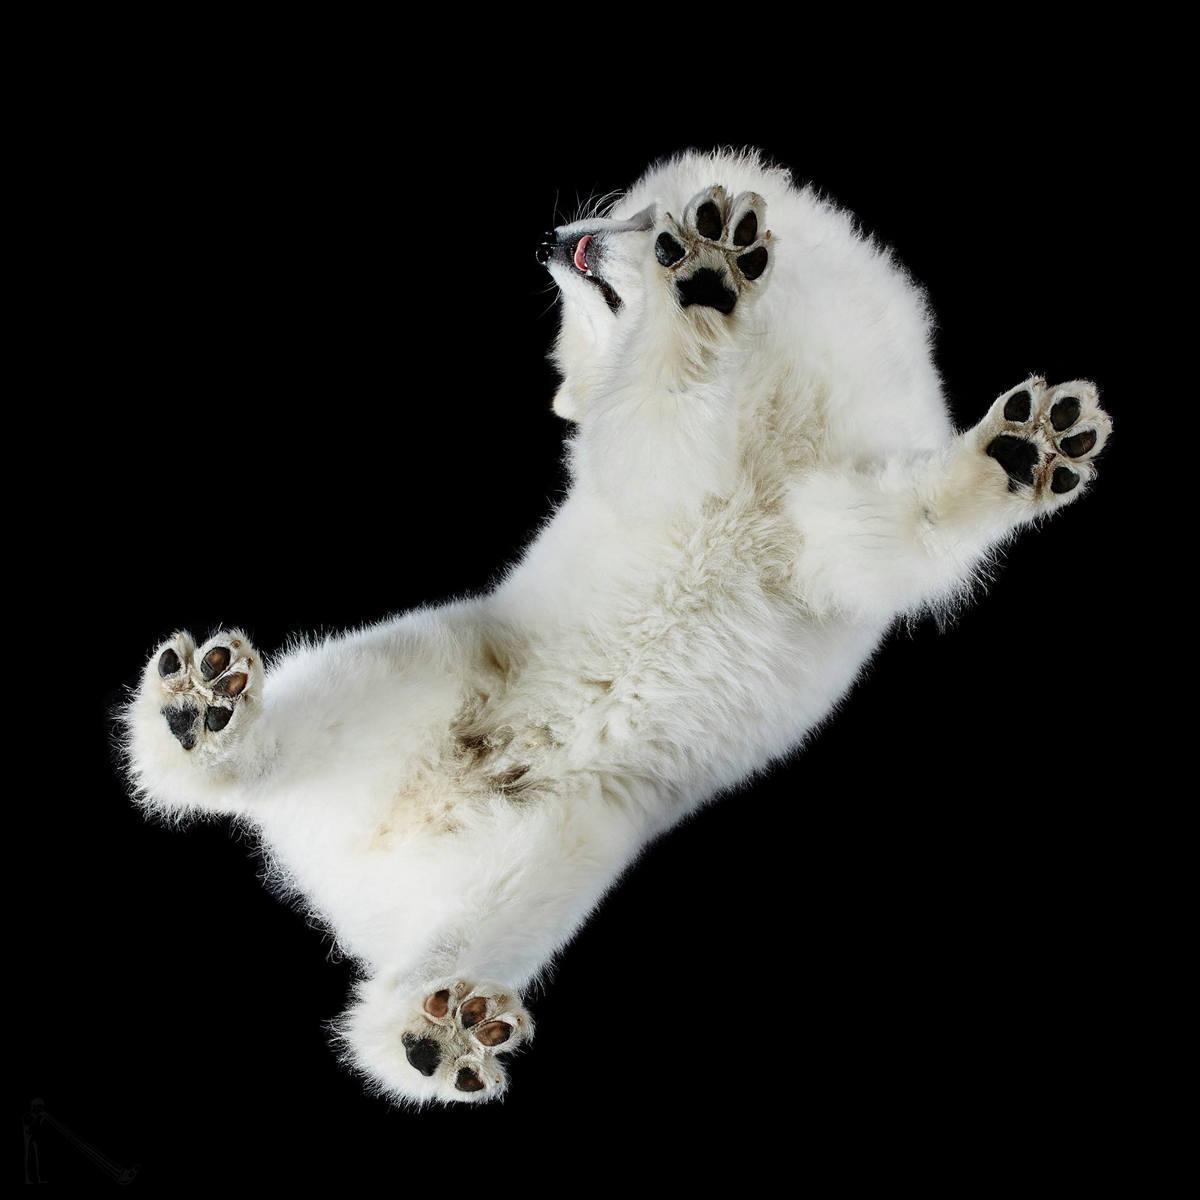 «Взгляд снизу»: чудные фотографии животных в проекте Андриуса Бурбы 17